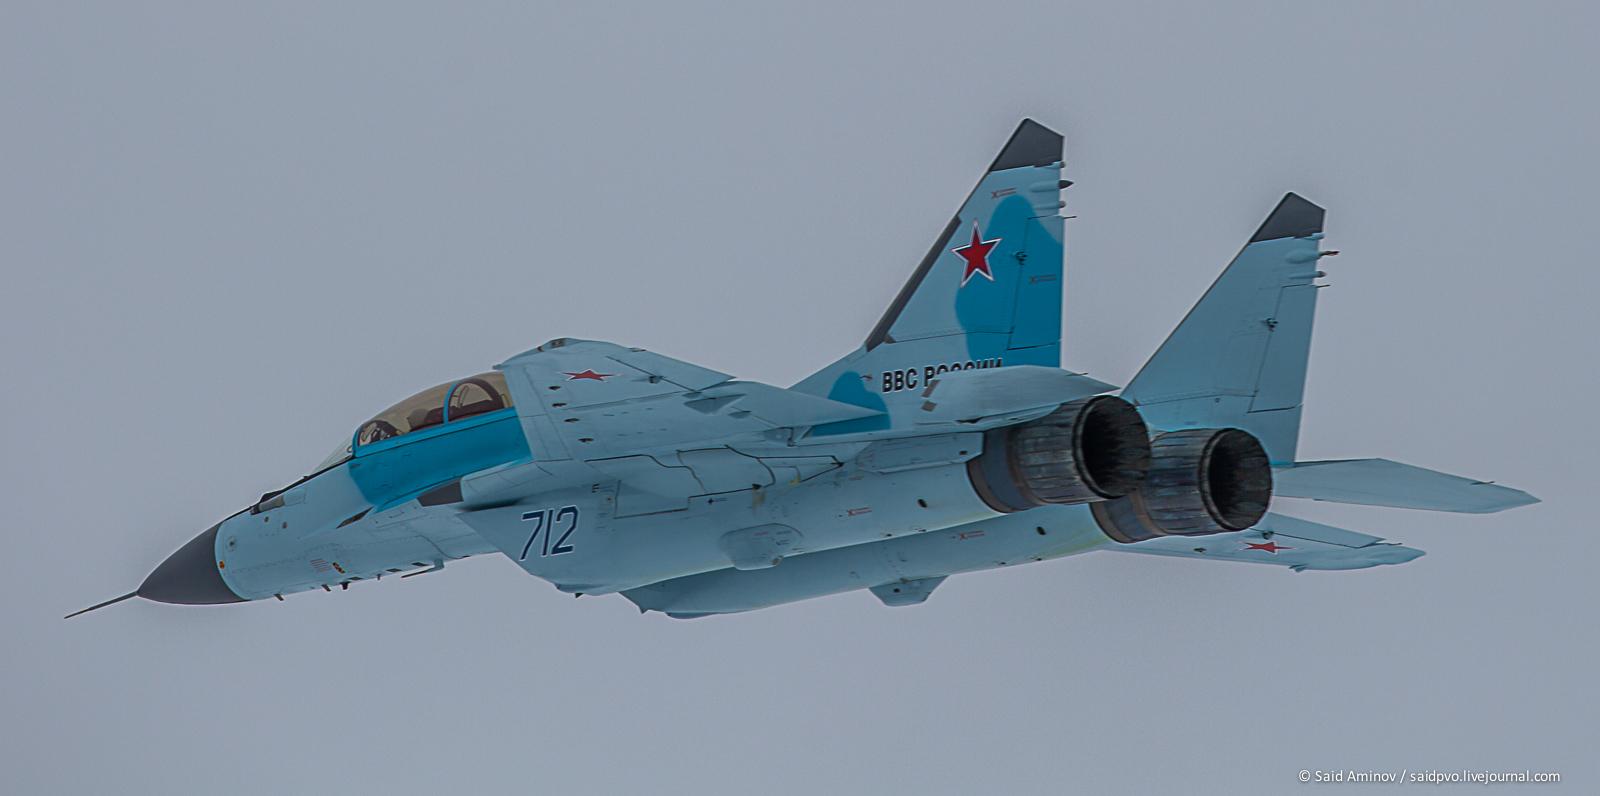 Orosz légi és kozmikus erők - Page 7 0_11fd2b_59284d36_orig